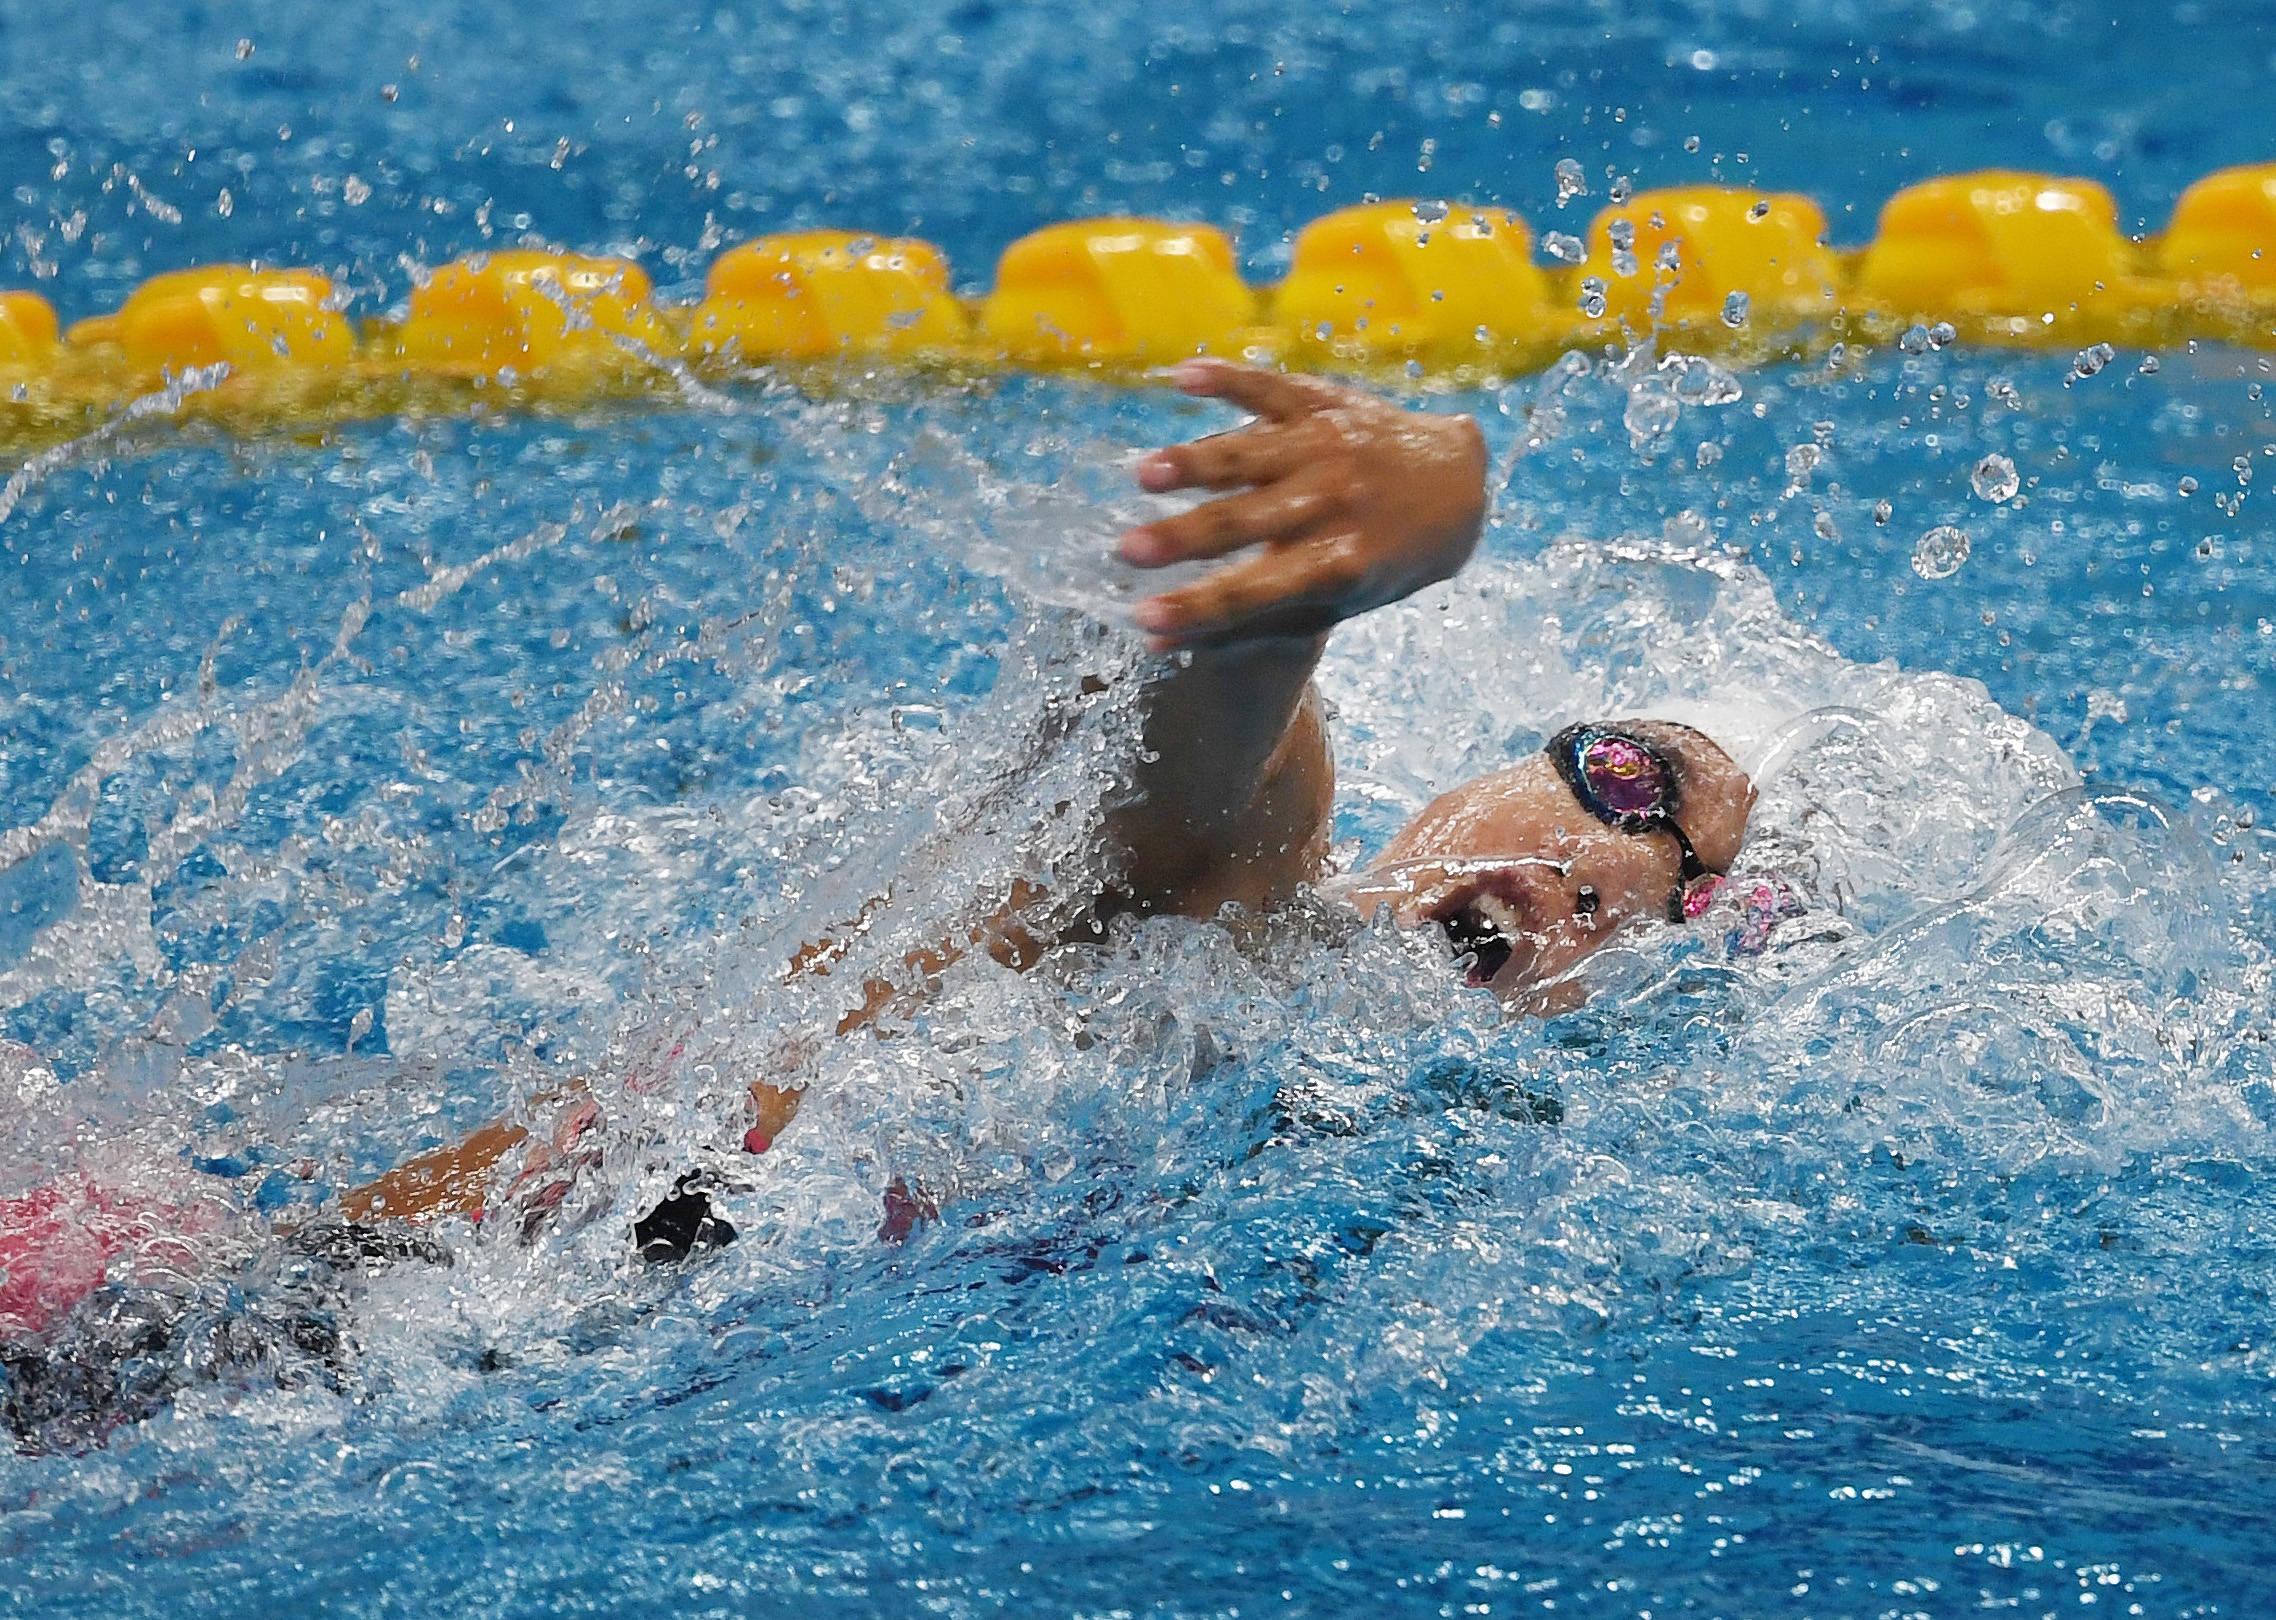 游泳——全國冠軍賽:遼川聯隊獲男女4X100米混合泳接力季軍_金沿